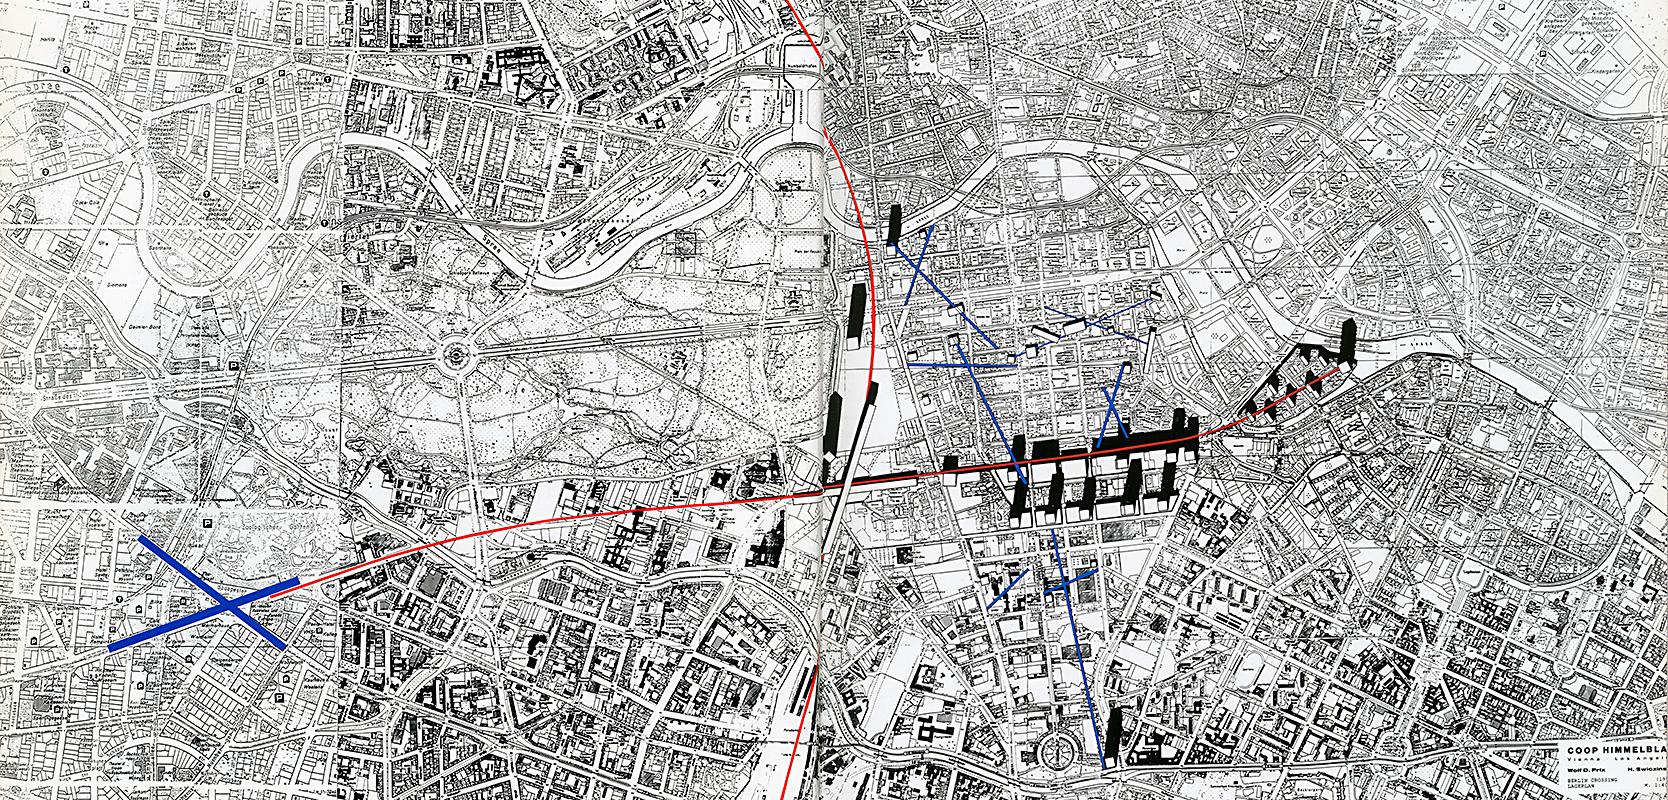 Coop Himmelblau. Architectural Design v.61 n.92 1991, 26